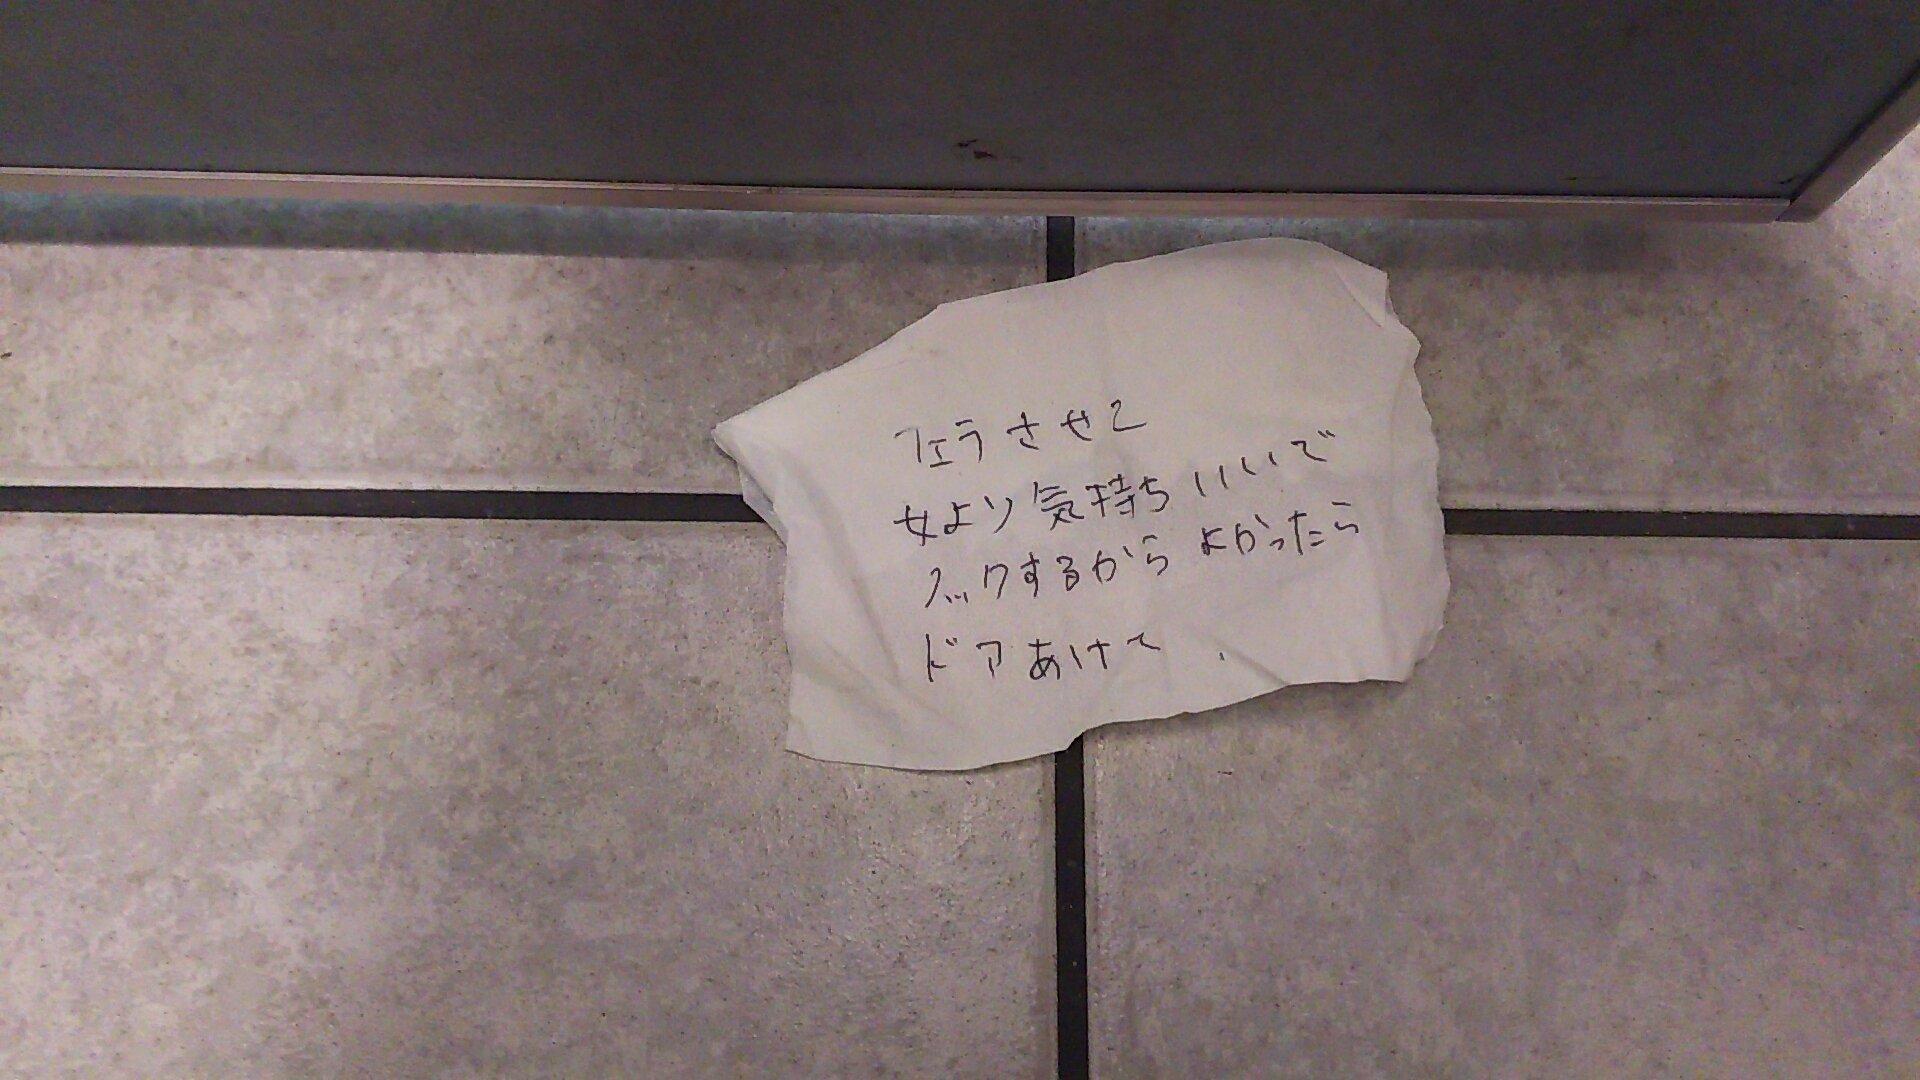 梅田でトイレをしてたら、上からこんな手紙が降って来た...大阪怖すぎるわwww